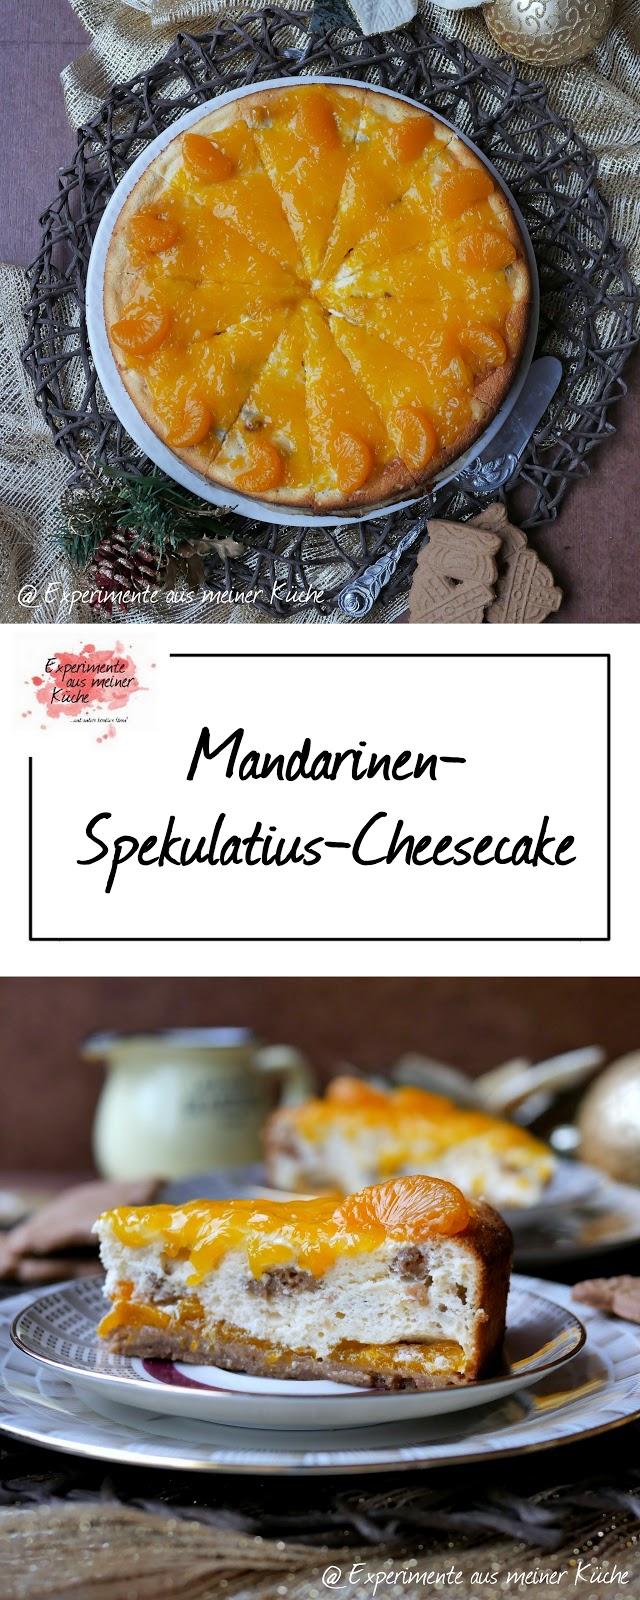 Experimente Aus Meiner Kuche Mandarinen Spekulatius Cheesecake